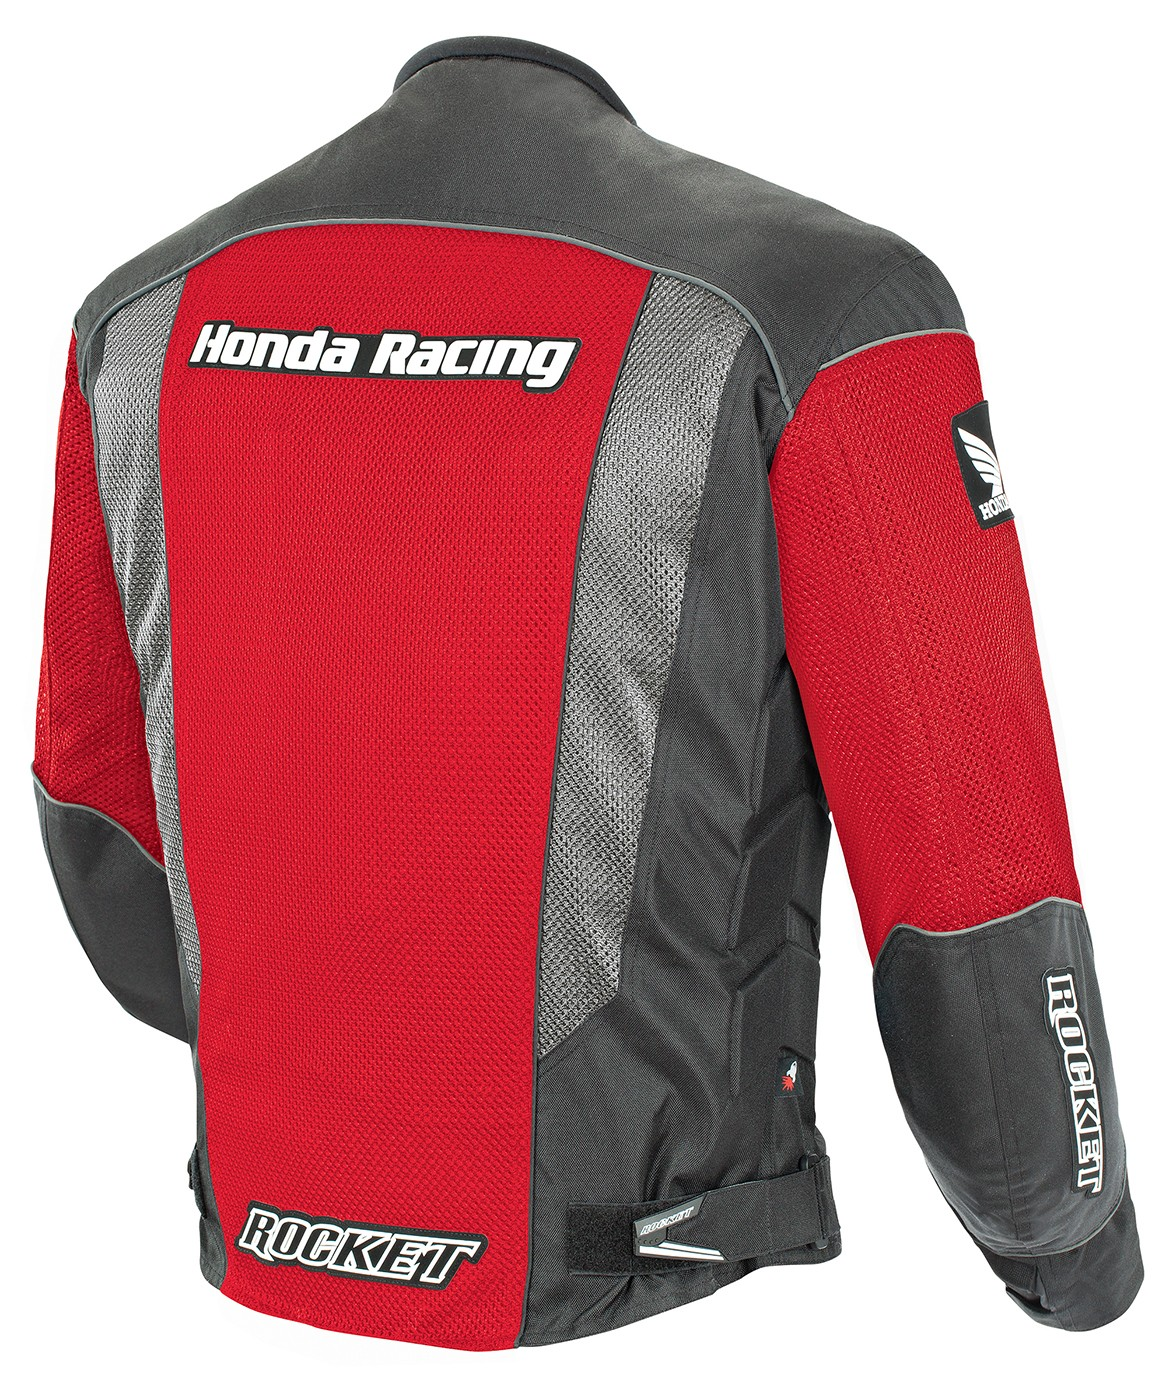 thumbnail 2 - Joe Rocket XL Red /Black Honda CBR Mesh Textile Motorcycle Jacket XL